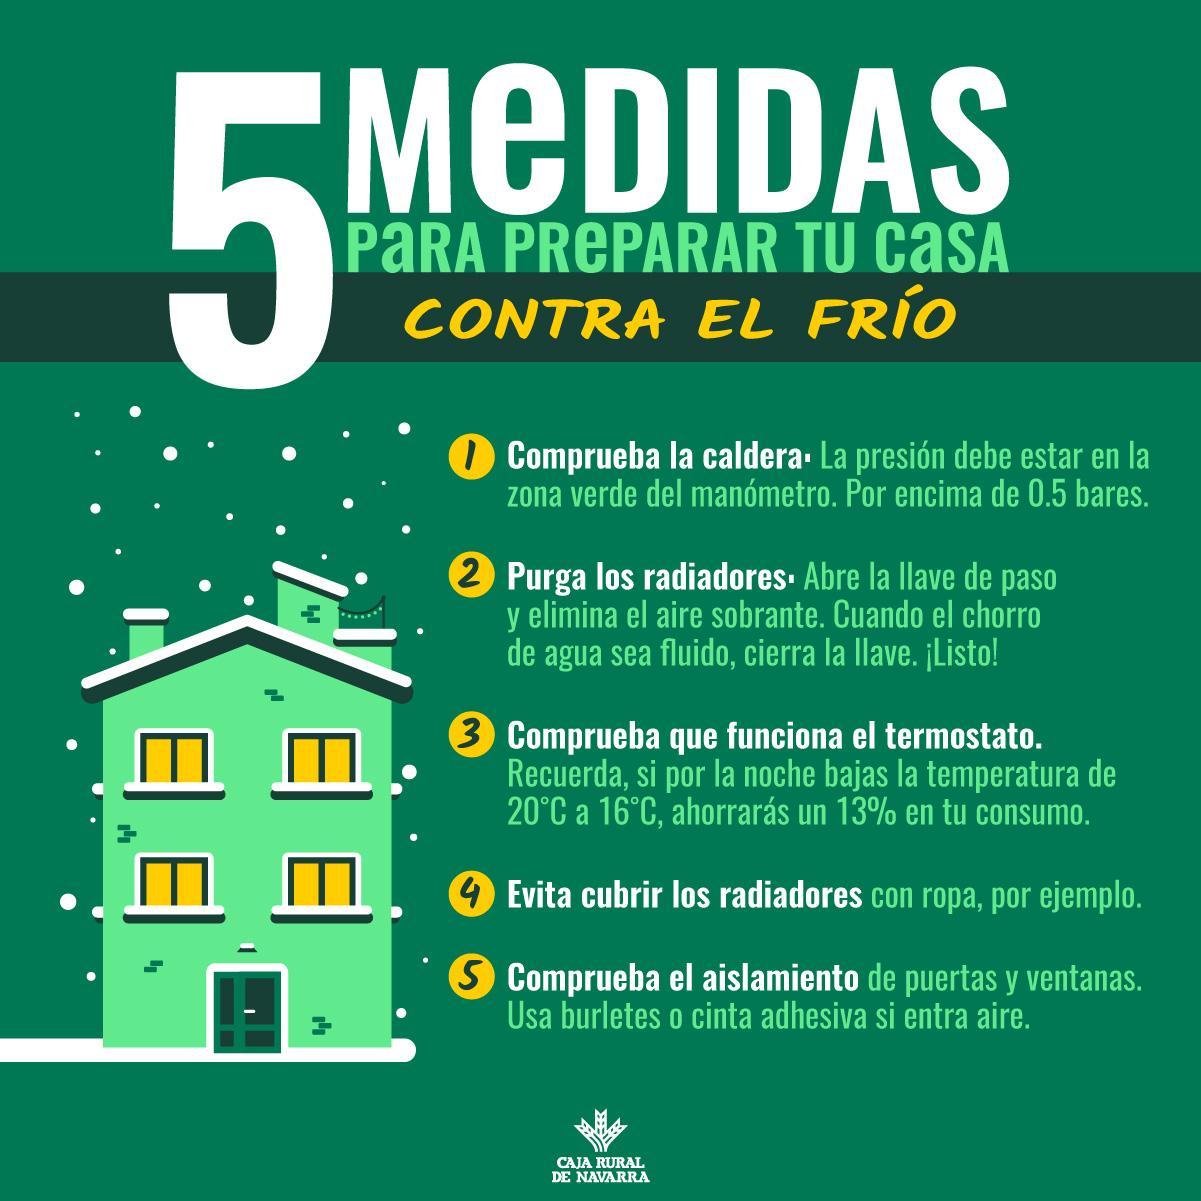 5 medidas contra el frío